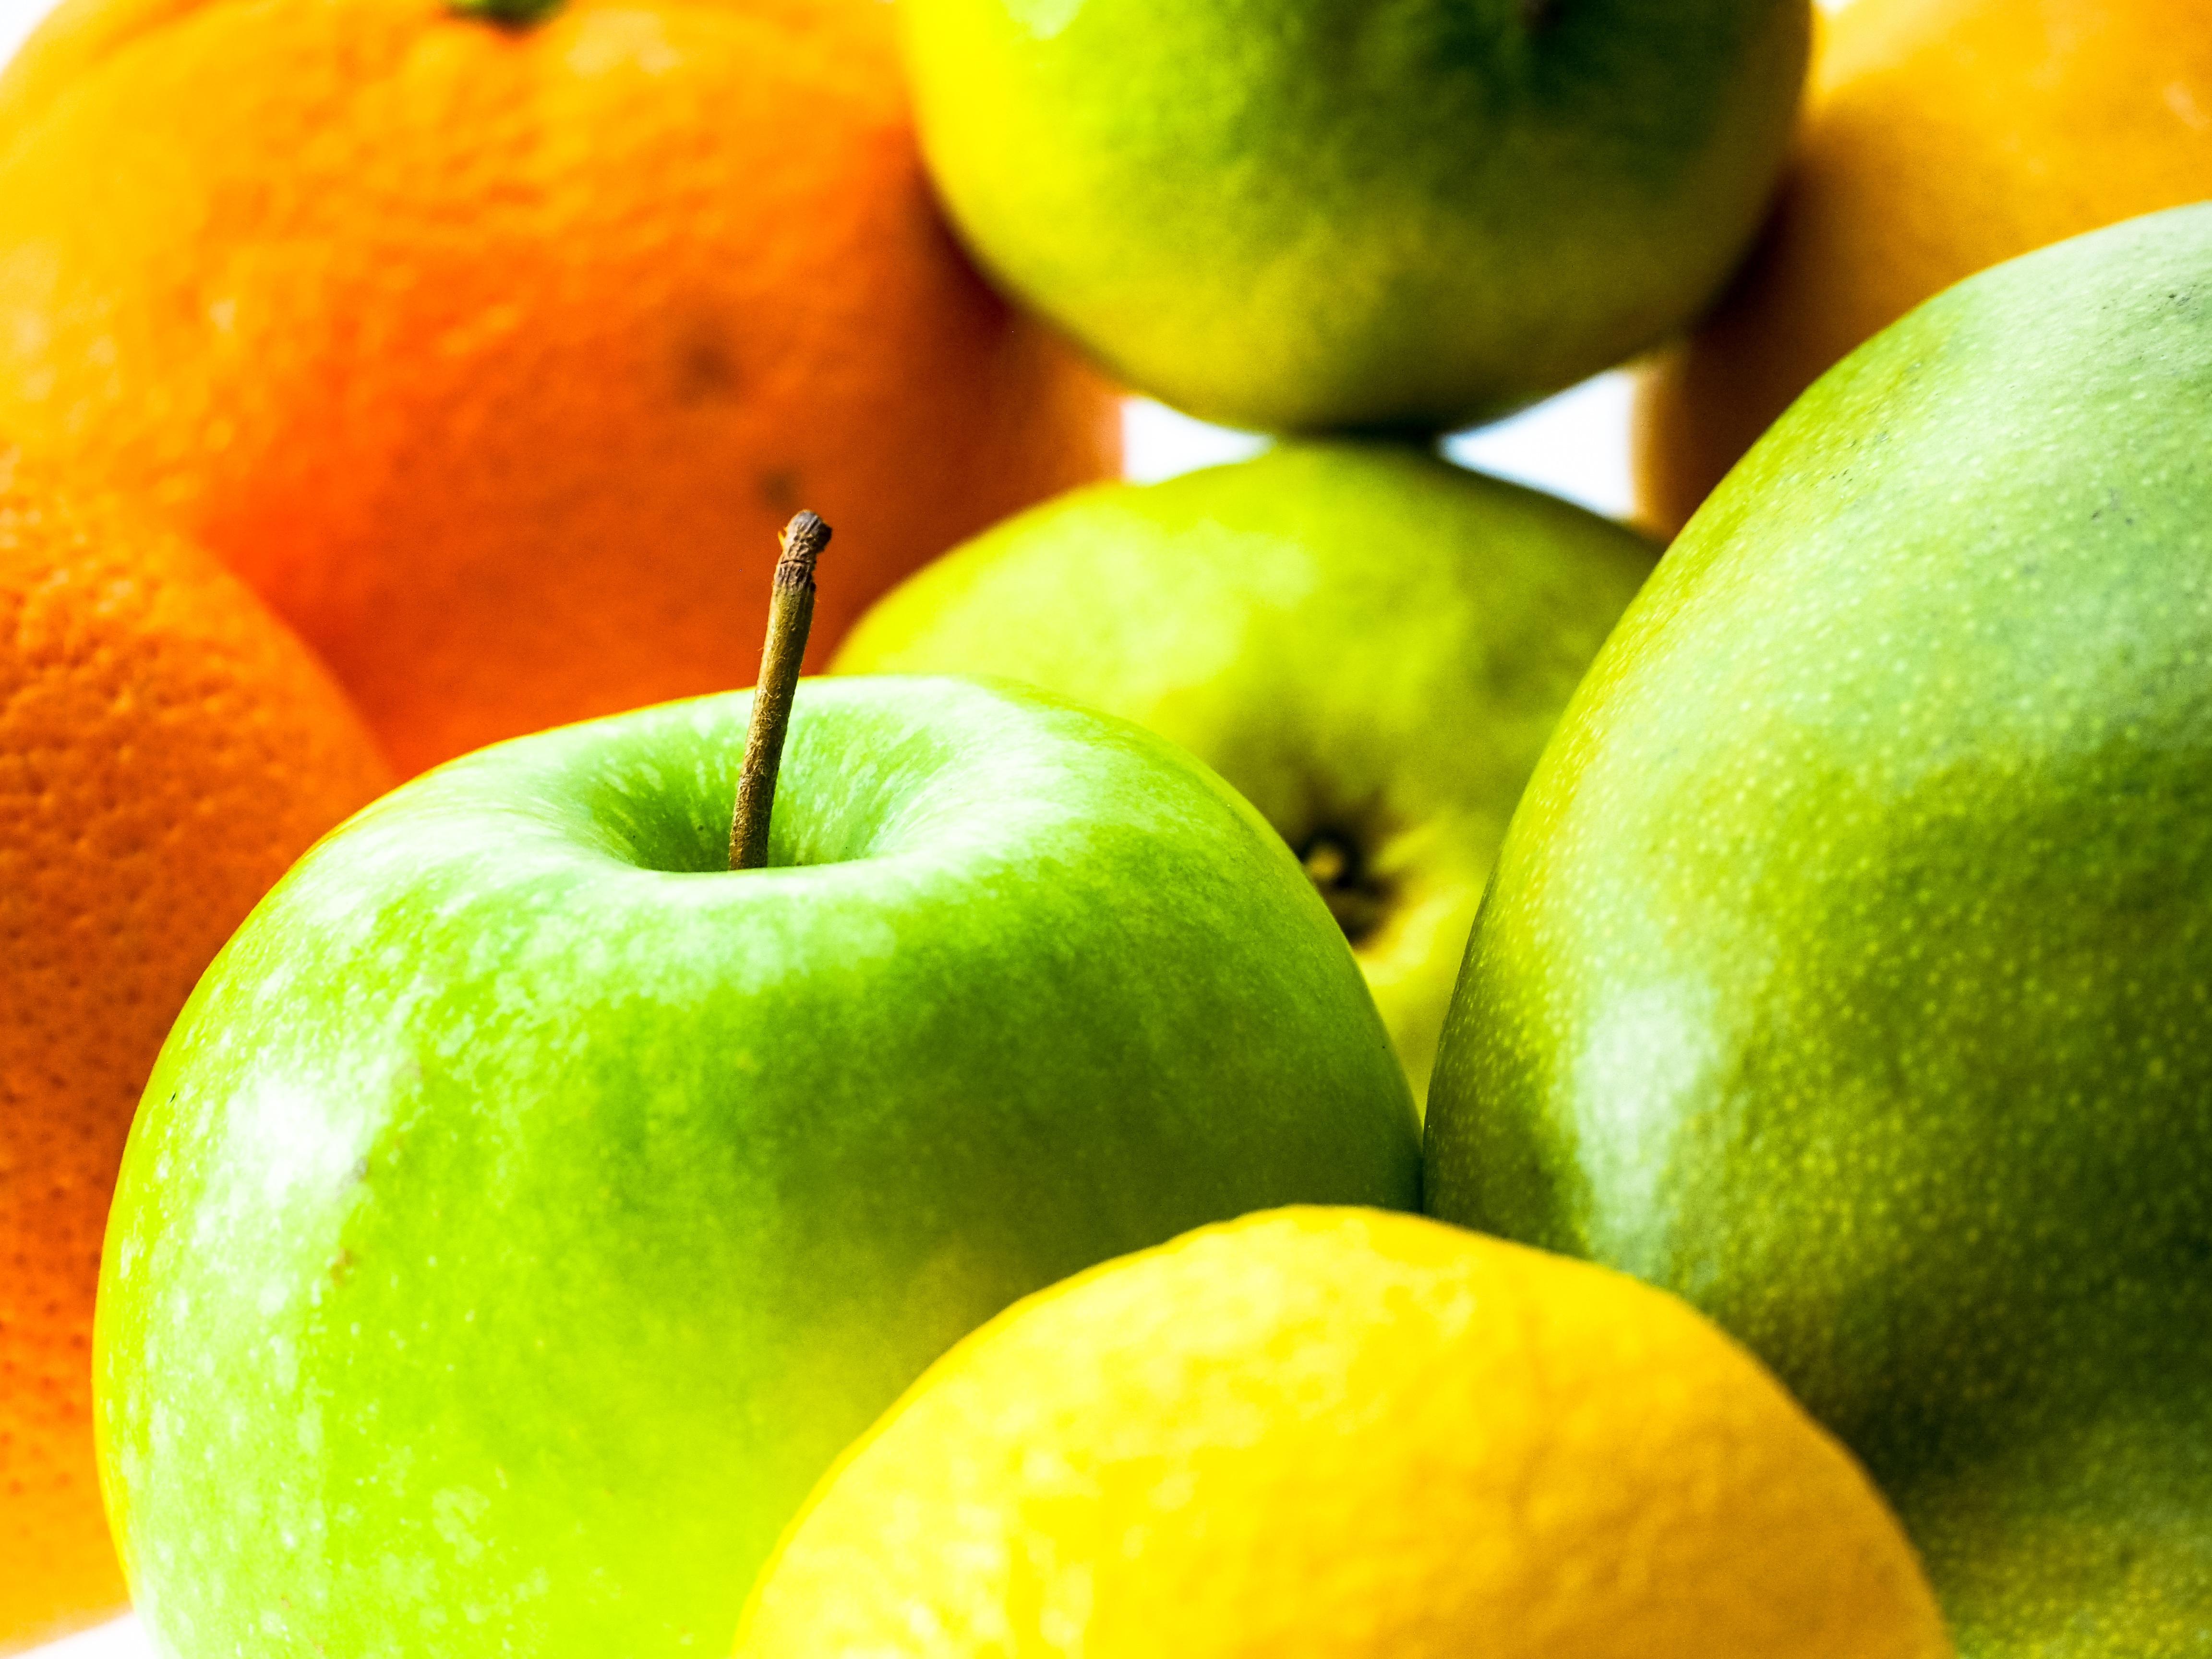 картинка апельсина и яблоками интервью